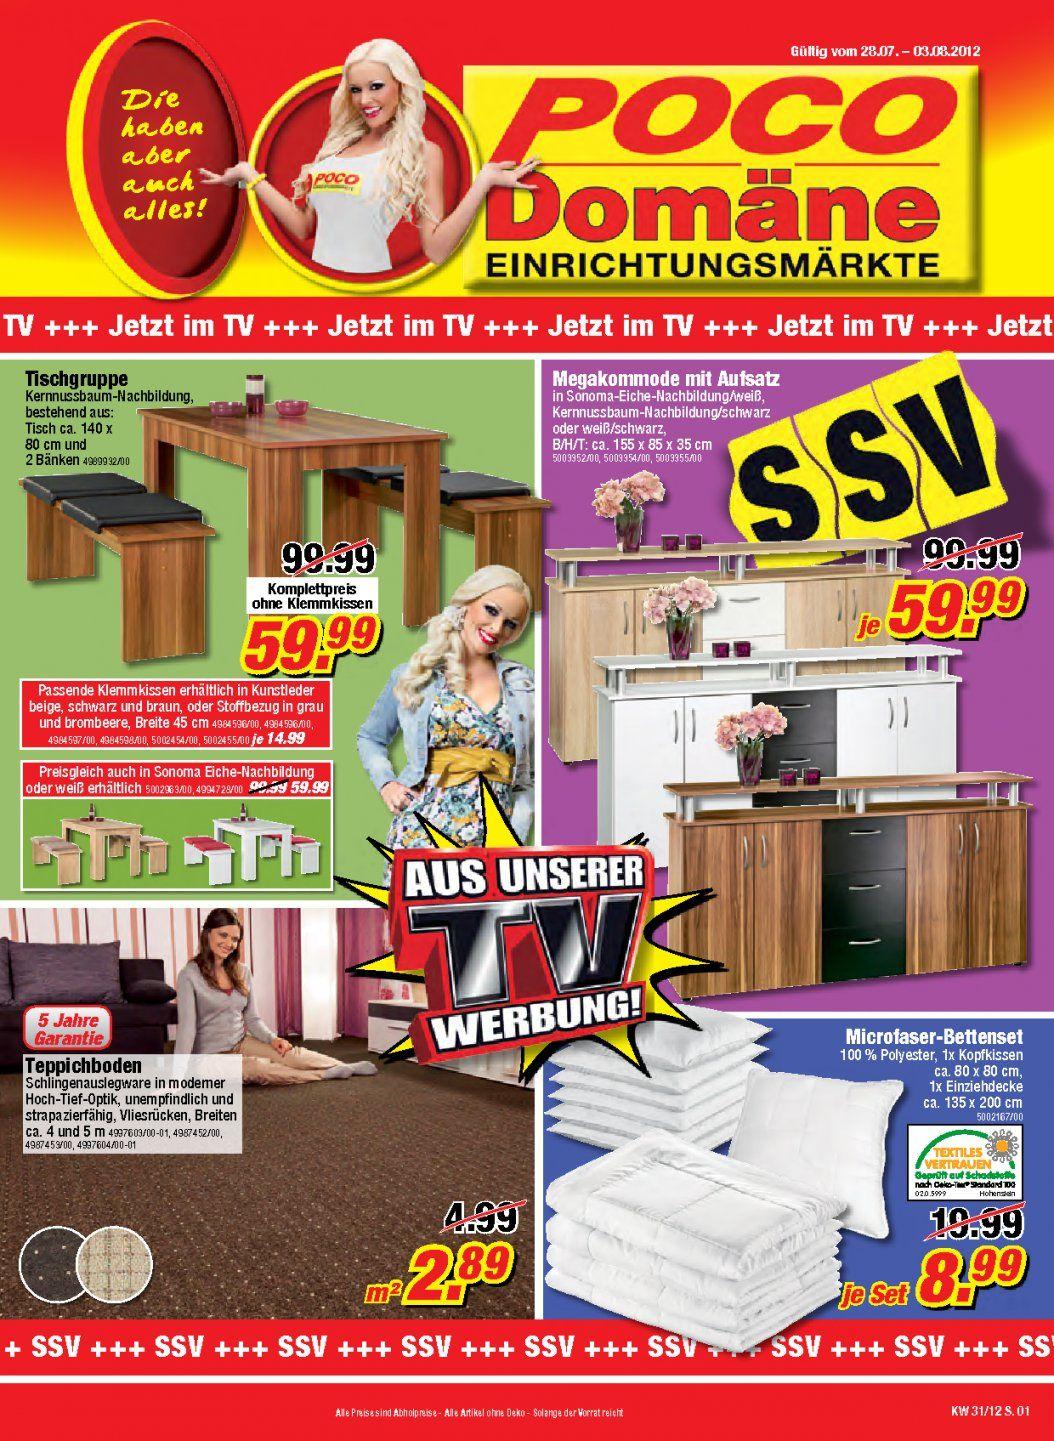 Poco Kchen Trendy Elegant Wohnzimmer Ideen Mit Poco Kchen Angebote von Poco Domäne Nürnberg Lager Photo